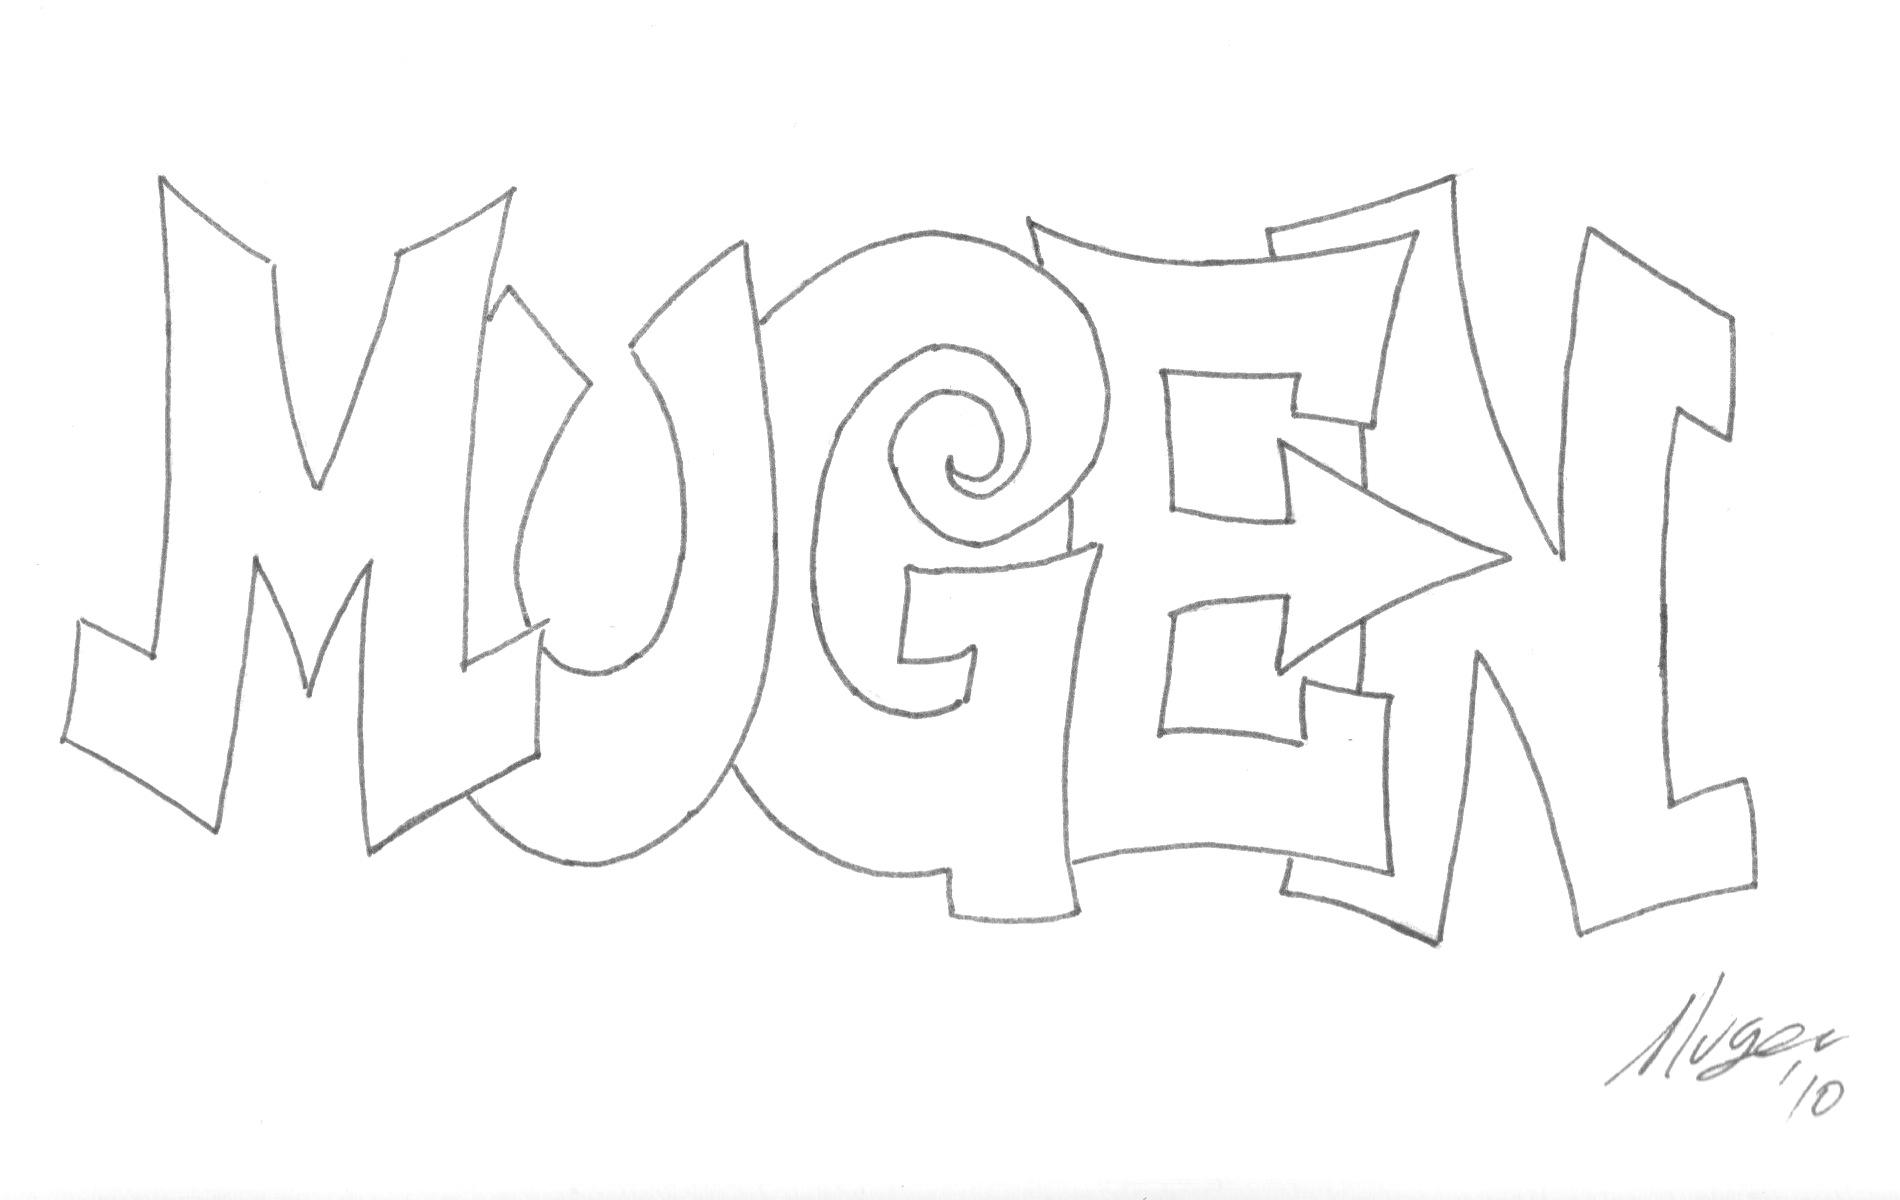 Mugen by Mugey